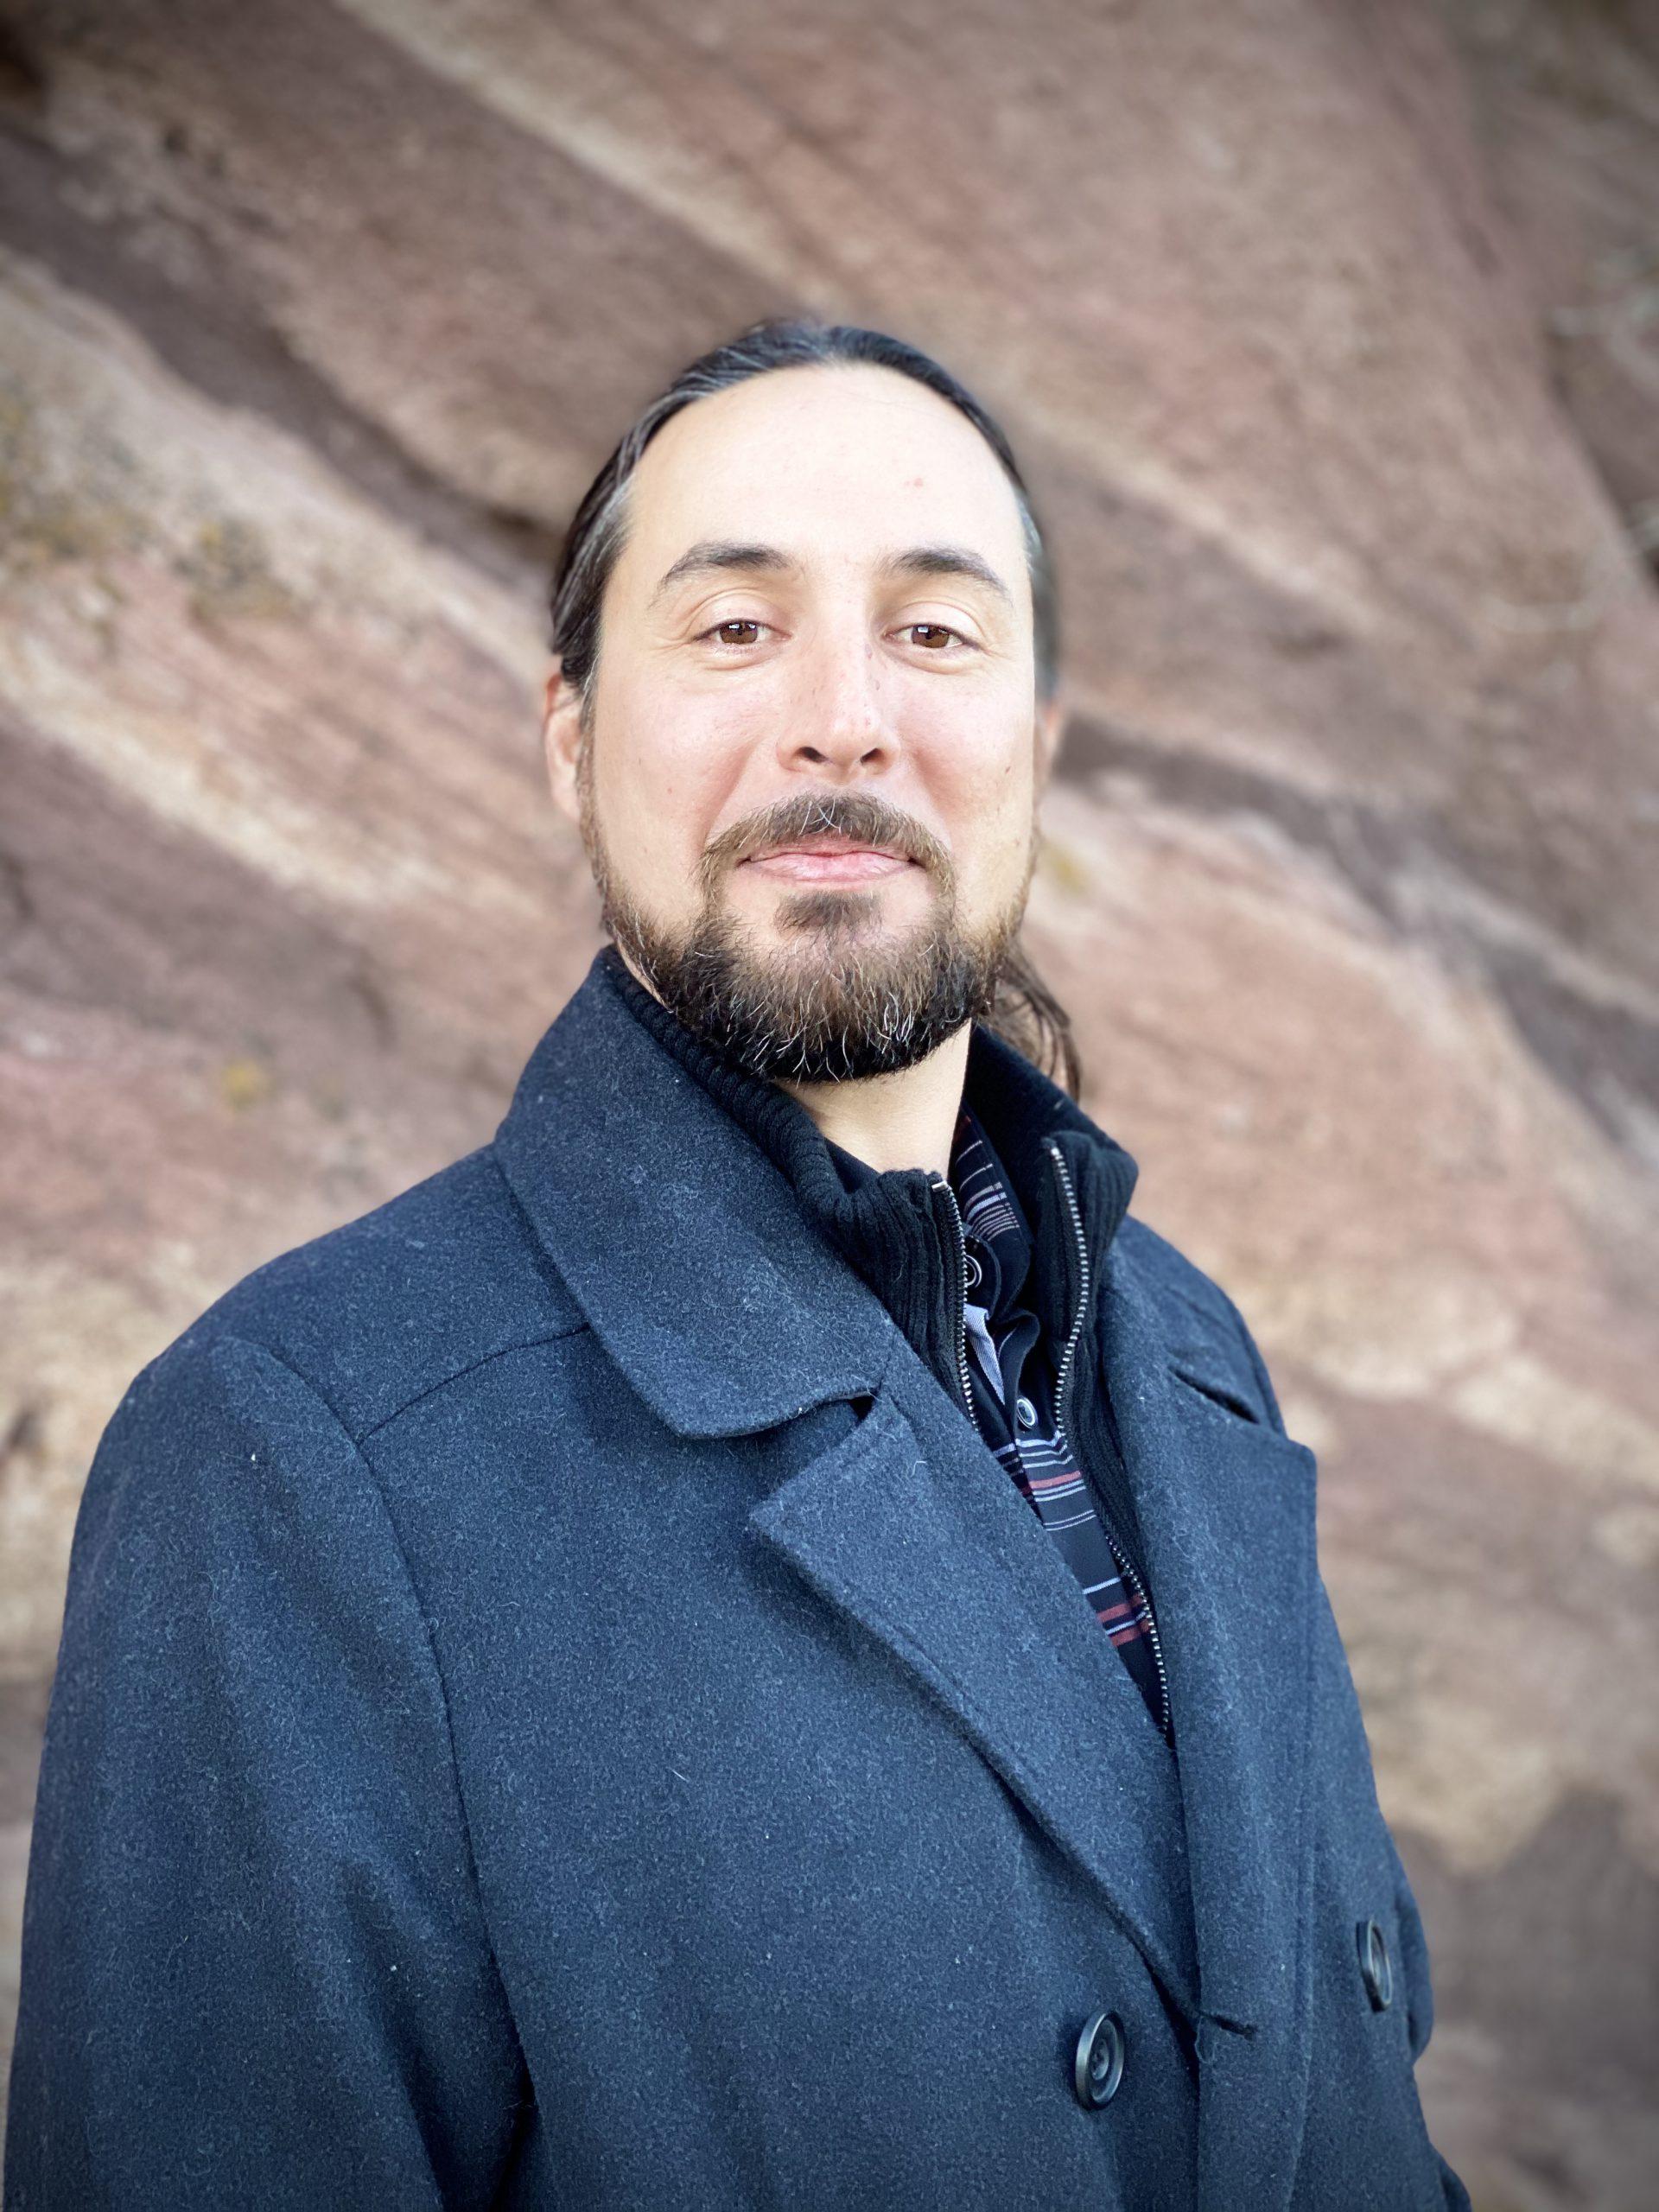 Adam Zettlemoyer